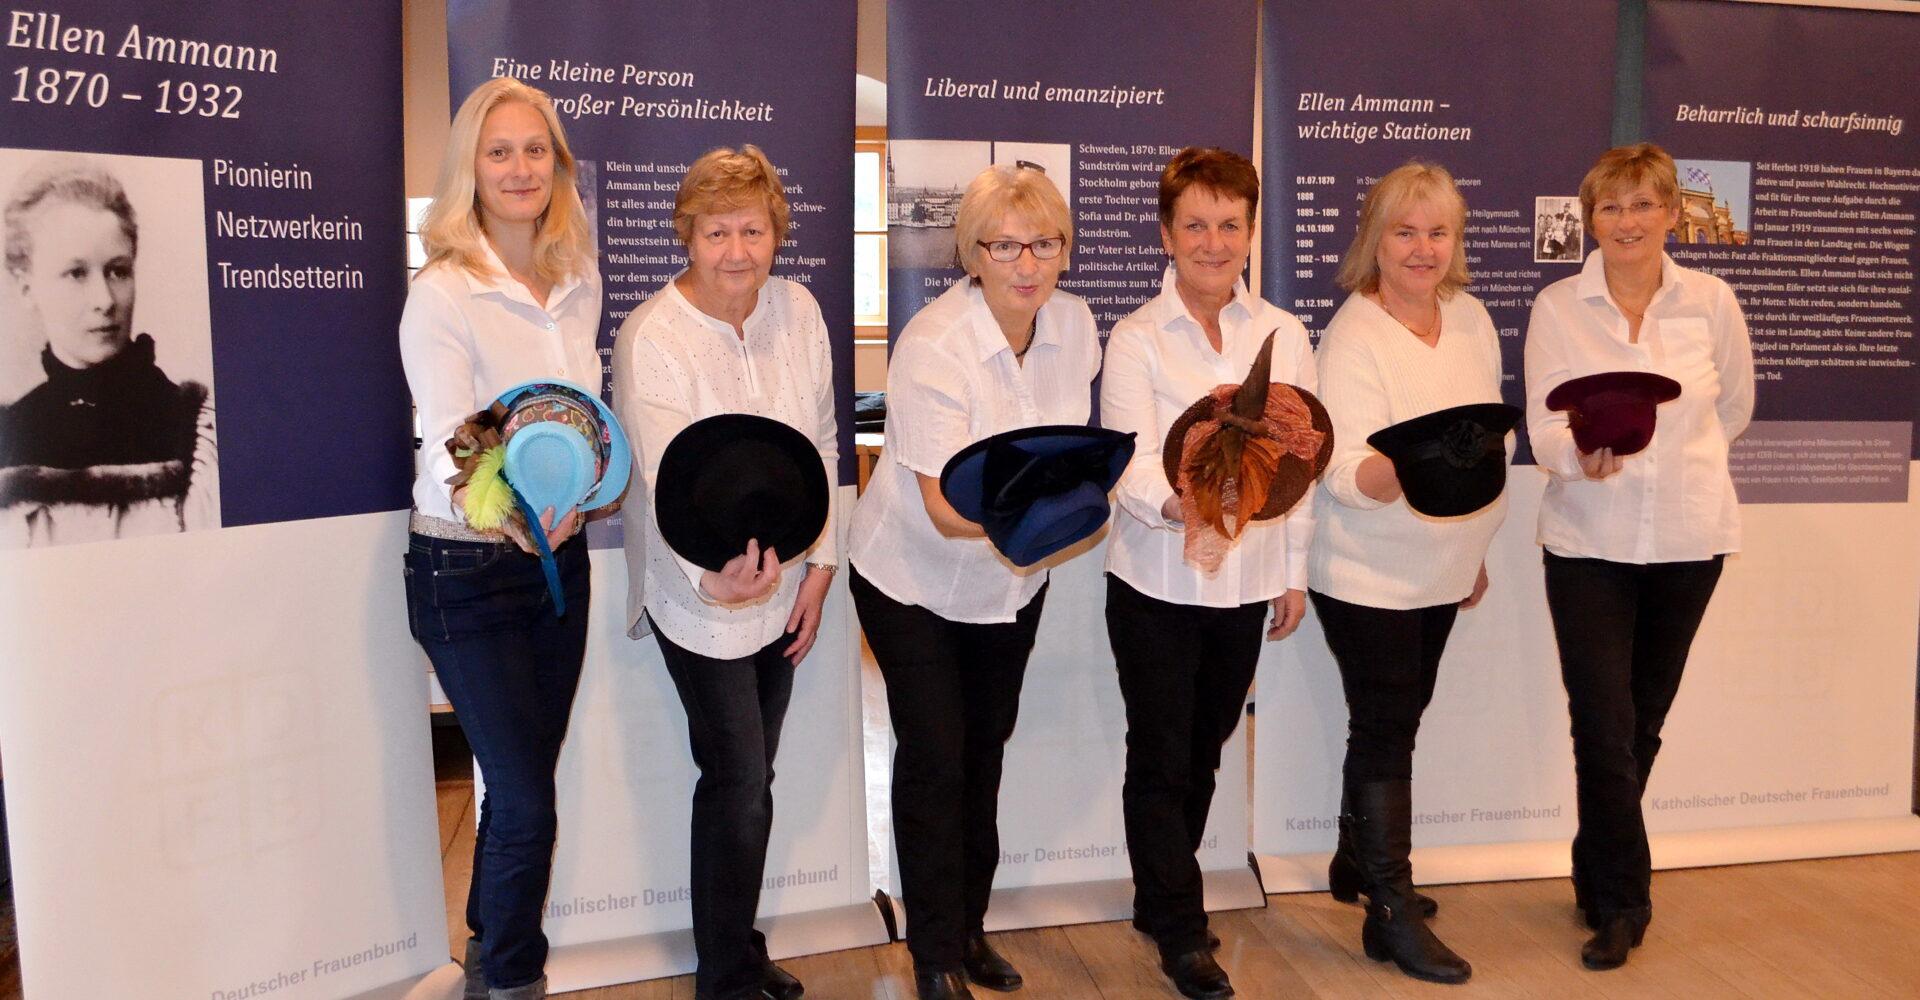 6 KDFB Frauen mit Hüten zur Erinnerung an 100 Jahre Frauenwahlrecht